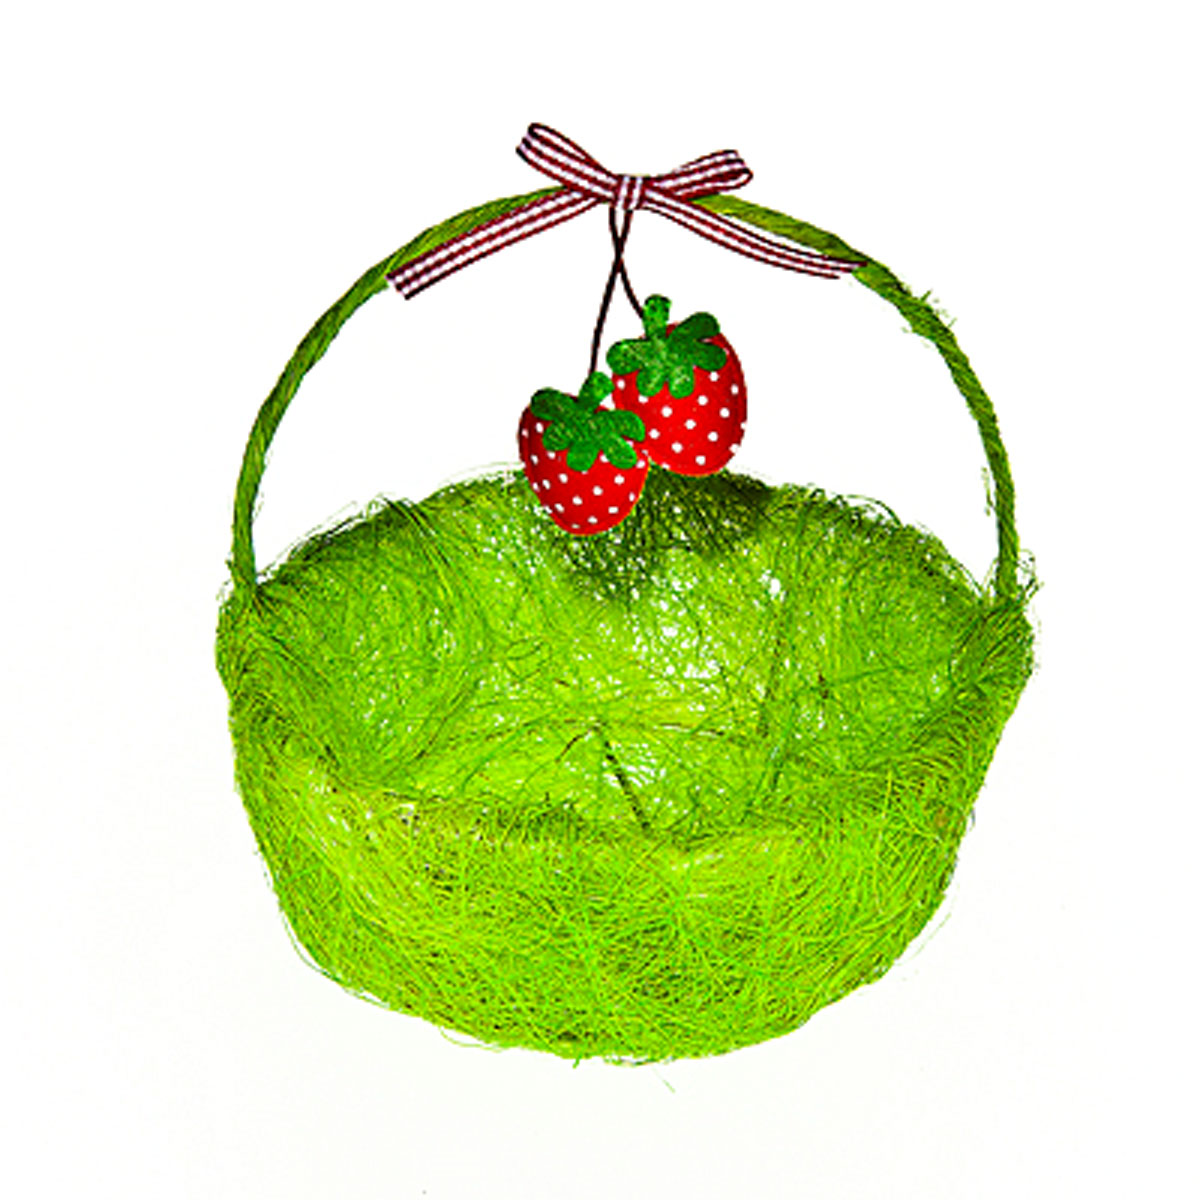 Корзина декоративная Home Queen Ягоды, цвет: зеленый, 14 х 13 х 5 см64328_1Декоративная корзина Home Queen Ягоды предназначена для хранения различных мелочей и аксессуаров. Изделие имеет металлический каркас, обтянутый нитями из полиэстера. Корзина оснащена удобной ручкой и декорирована подвесным украшением в виде текстильных ягод с бантиком.Такая корзина станет оригинальным и необычным подарком или украшением интерьера. Размер корзины: 14 см х 13 см х 5 см.Диаметр дна: 10 см.Высота ручки: 10 см.